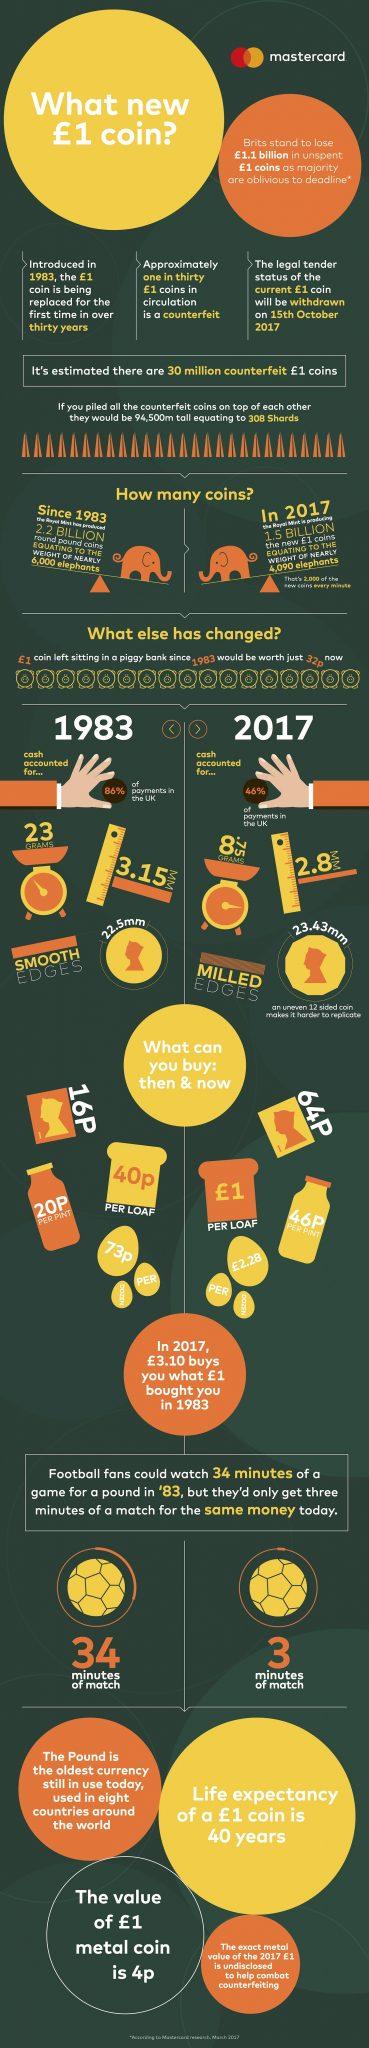 信息图表:新的1英镑硬币